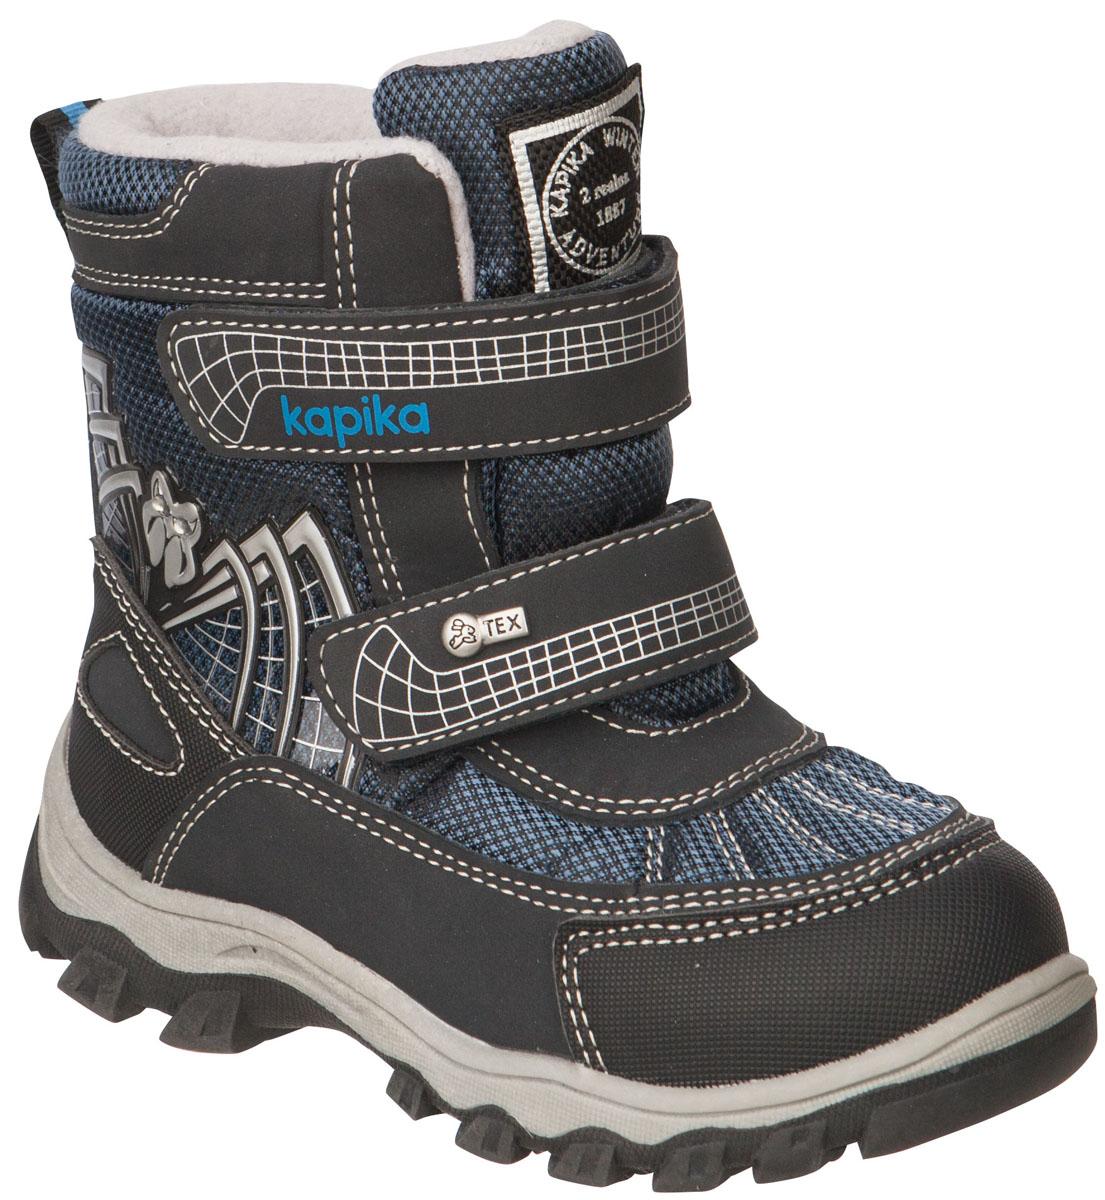 Ботинки для мальчика Kapika, цвет: темно-синий. 41170-2. Размер 2341170-2Легкие, удобные и теплые ботинки от Kapika выполнены из мембранных материалов и искусственной кожи. Два ремешка на застежках-липучках надежно фиксируют изделие на ноге. Мягкая подкладка и стелька из шерсти обеспечивают тепло, циркуляцию воздуха и сохраняют комфортный микроклимат в обуви. Подошва с протектором гарантирует идеальное сцепление с любыми поверхностями.Идеальная зимняя обувь для активных детей и подростков. Модель большемерит на 1 размер.